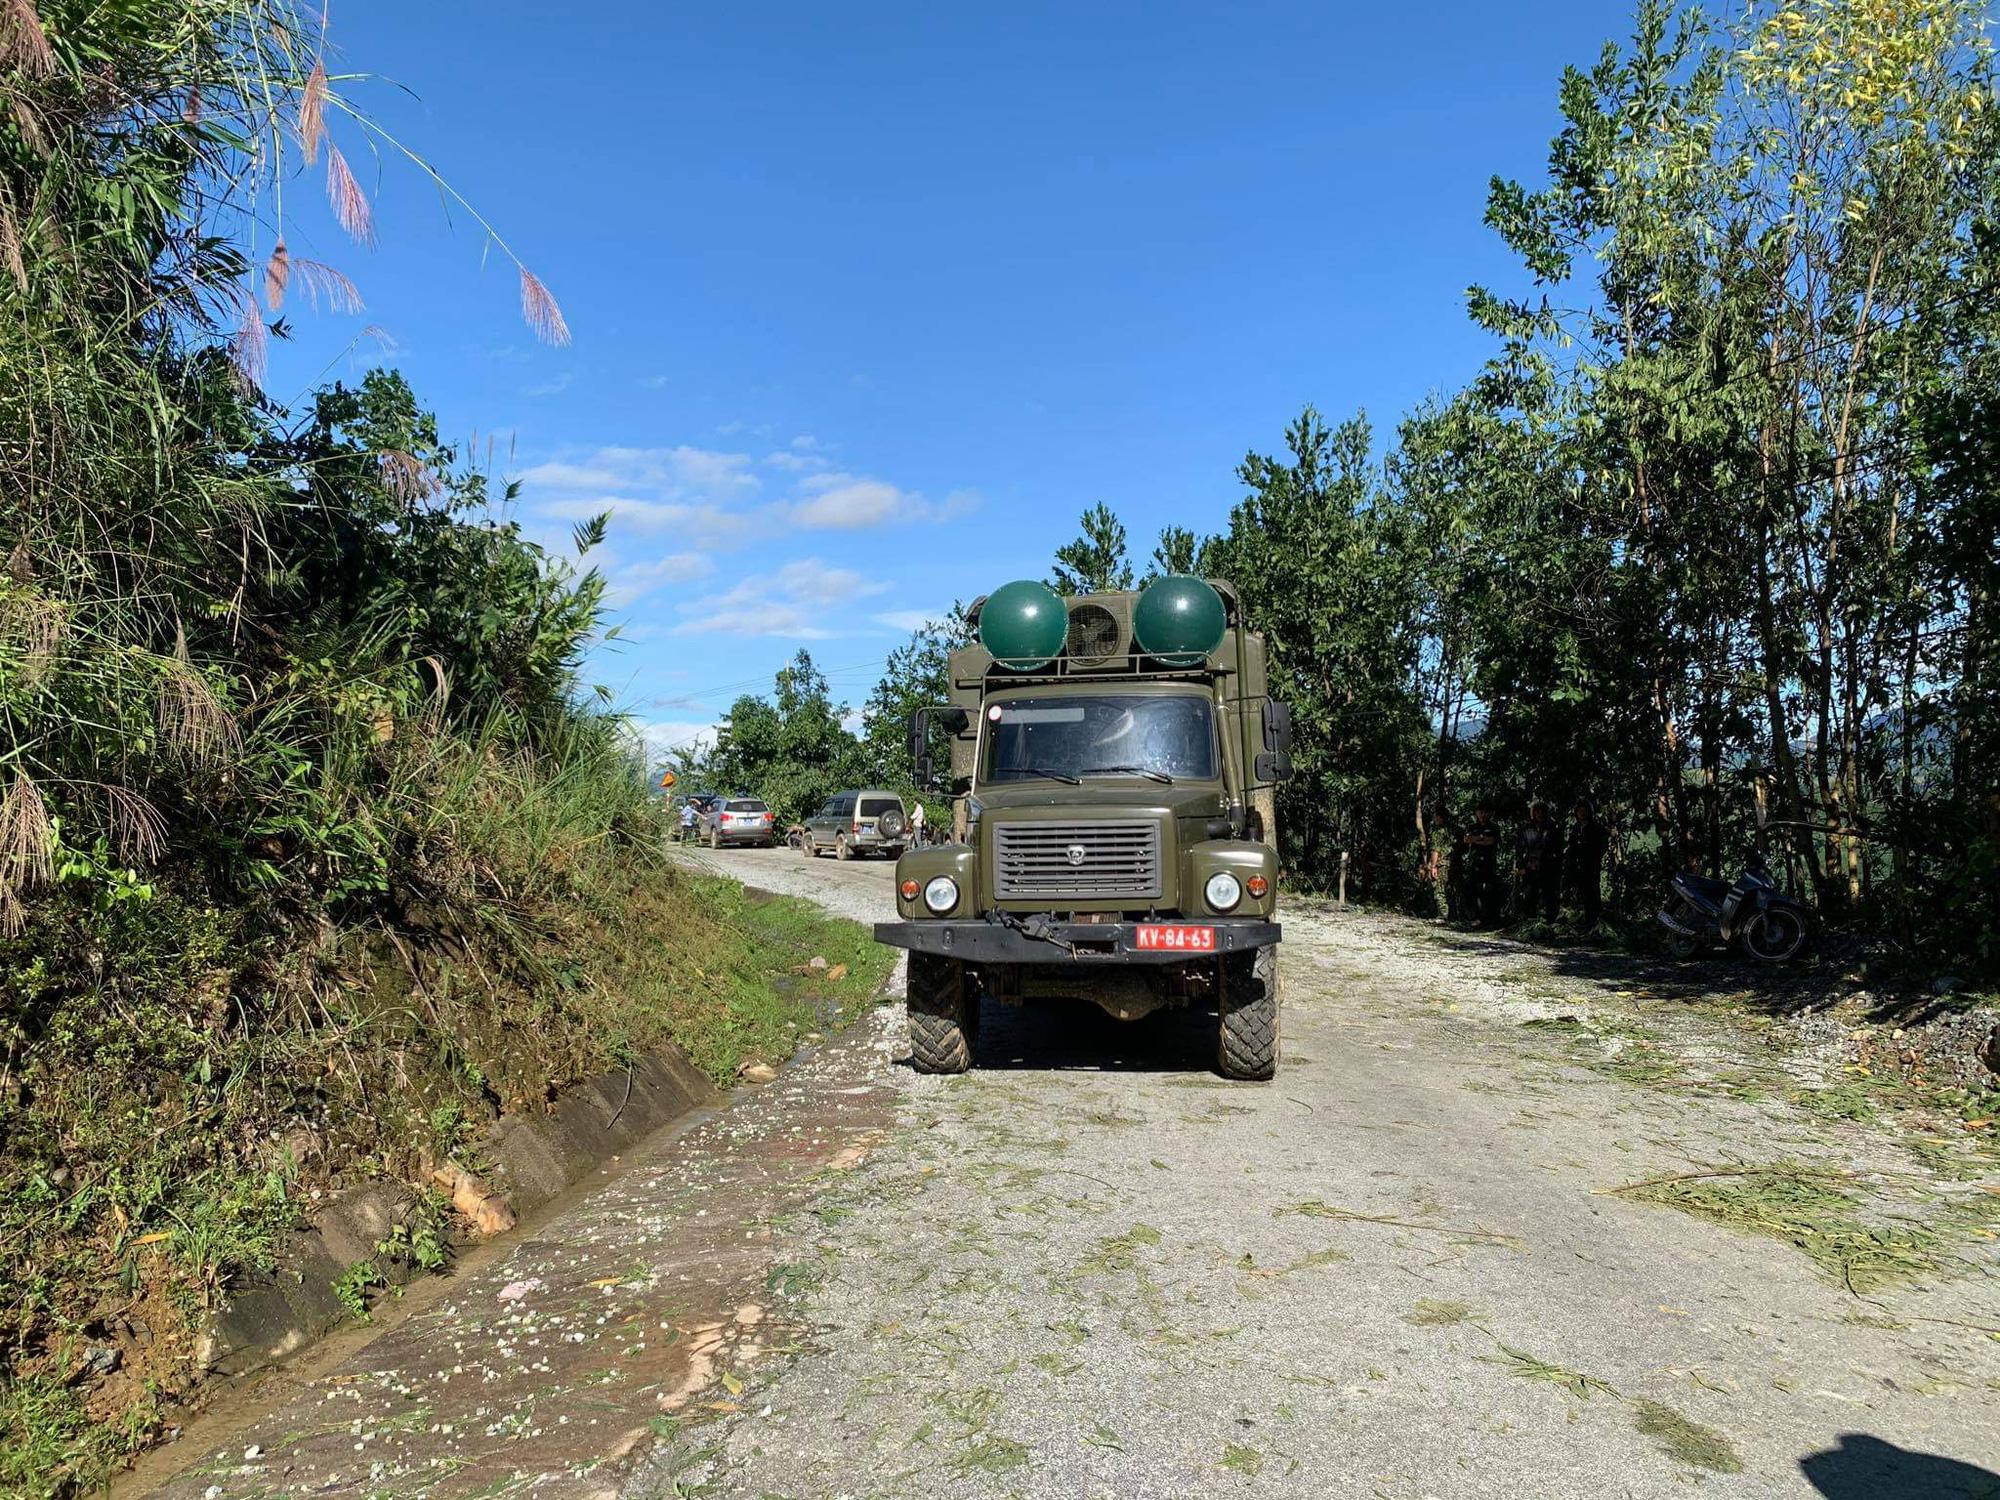 Ảnh, clip: Những hình ảnh trực tiếp của cuộc tìm kiếm cứu nạn vụ sạt lở vùi lấp hơn 50 người ở Nam Trà My - Ảnh 7.